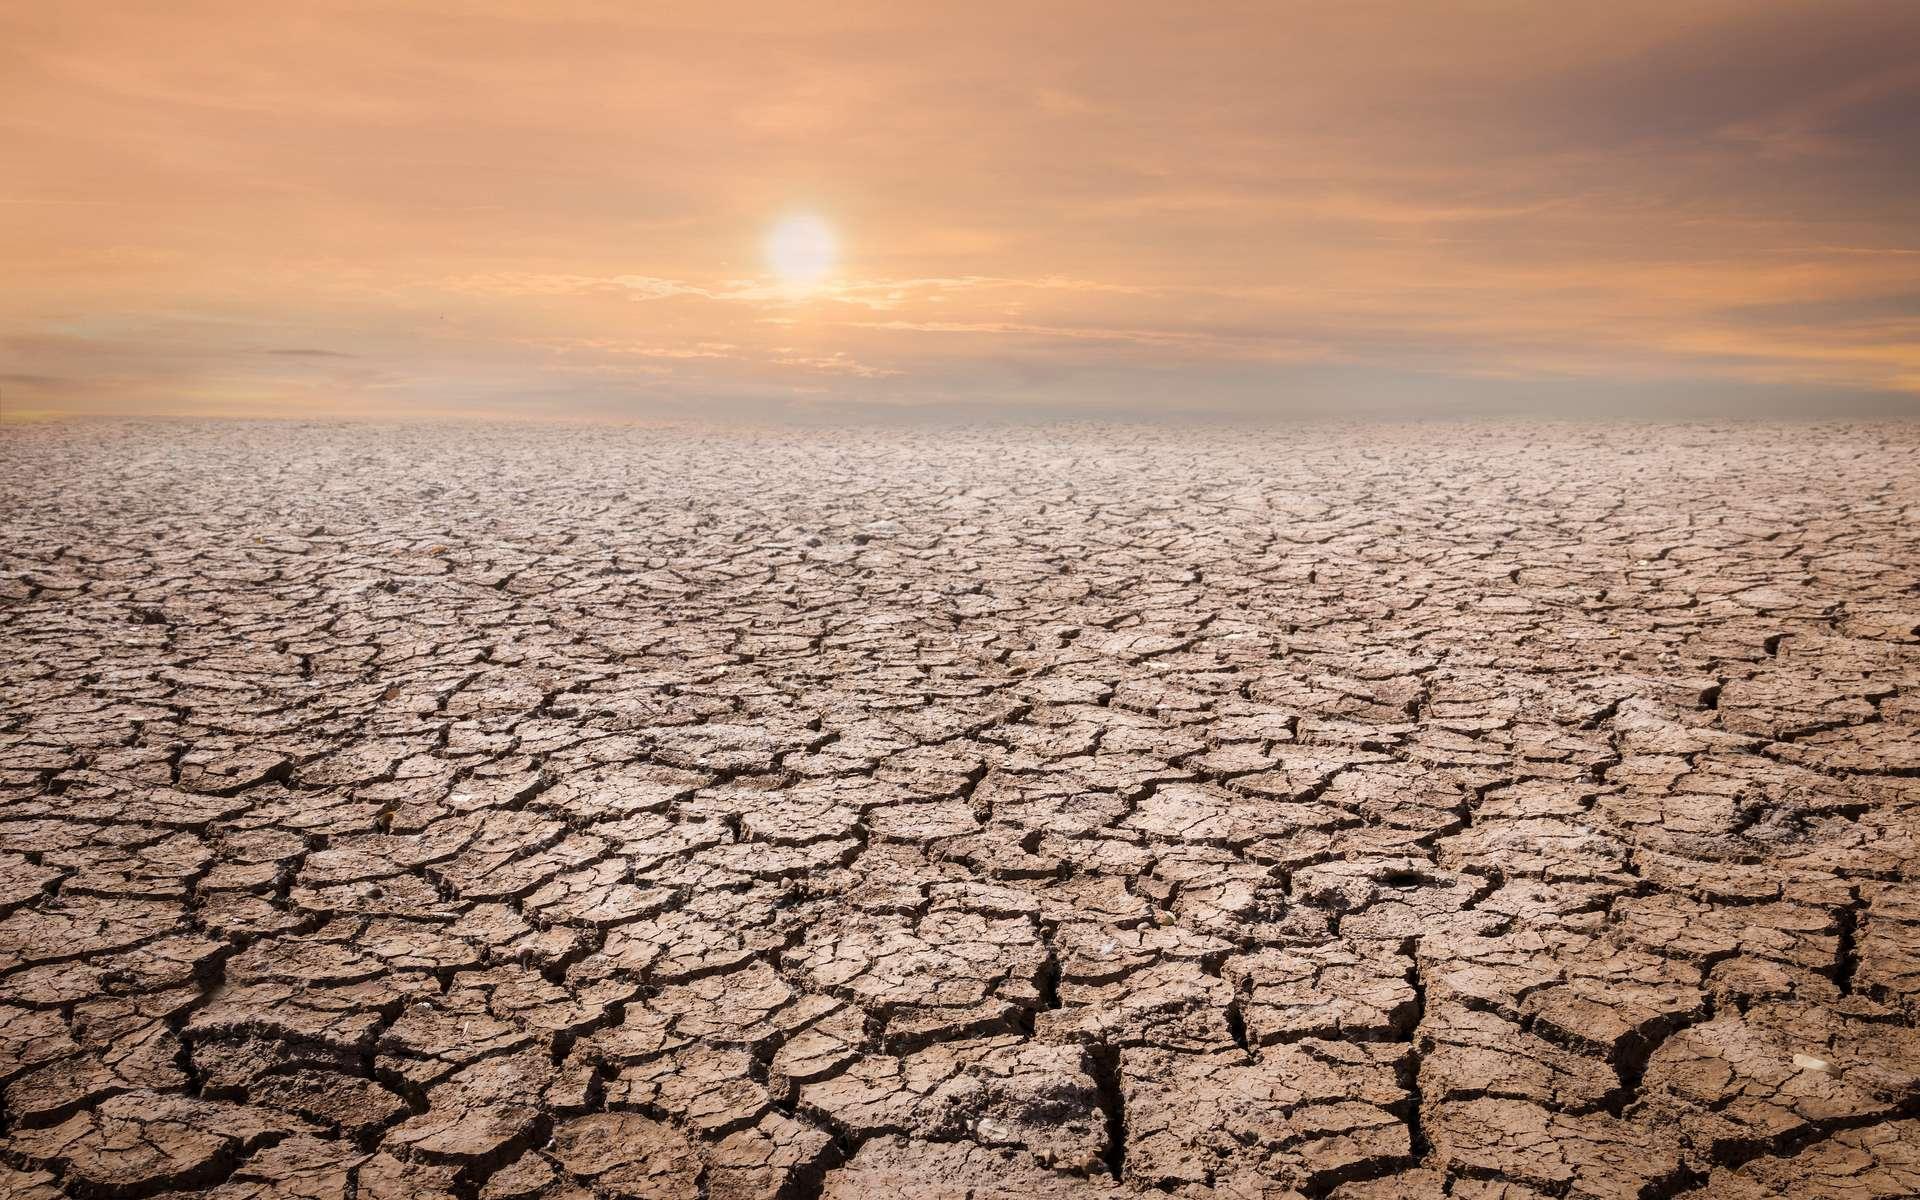 Des chercheurs ont voulu savoir ce que nous réserve un avenir sans limitation de nos émissions de gaz à effet de serre. Et leurs conclusions sont inquiétantes. D'ici 2500, la Terre pourrait justement ne plus être… la nôtre ! © frank29052515, Adobe Stock